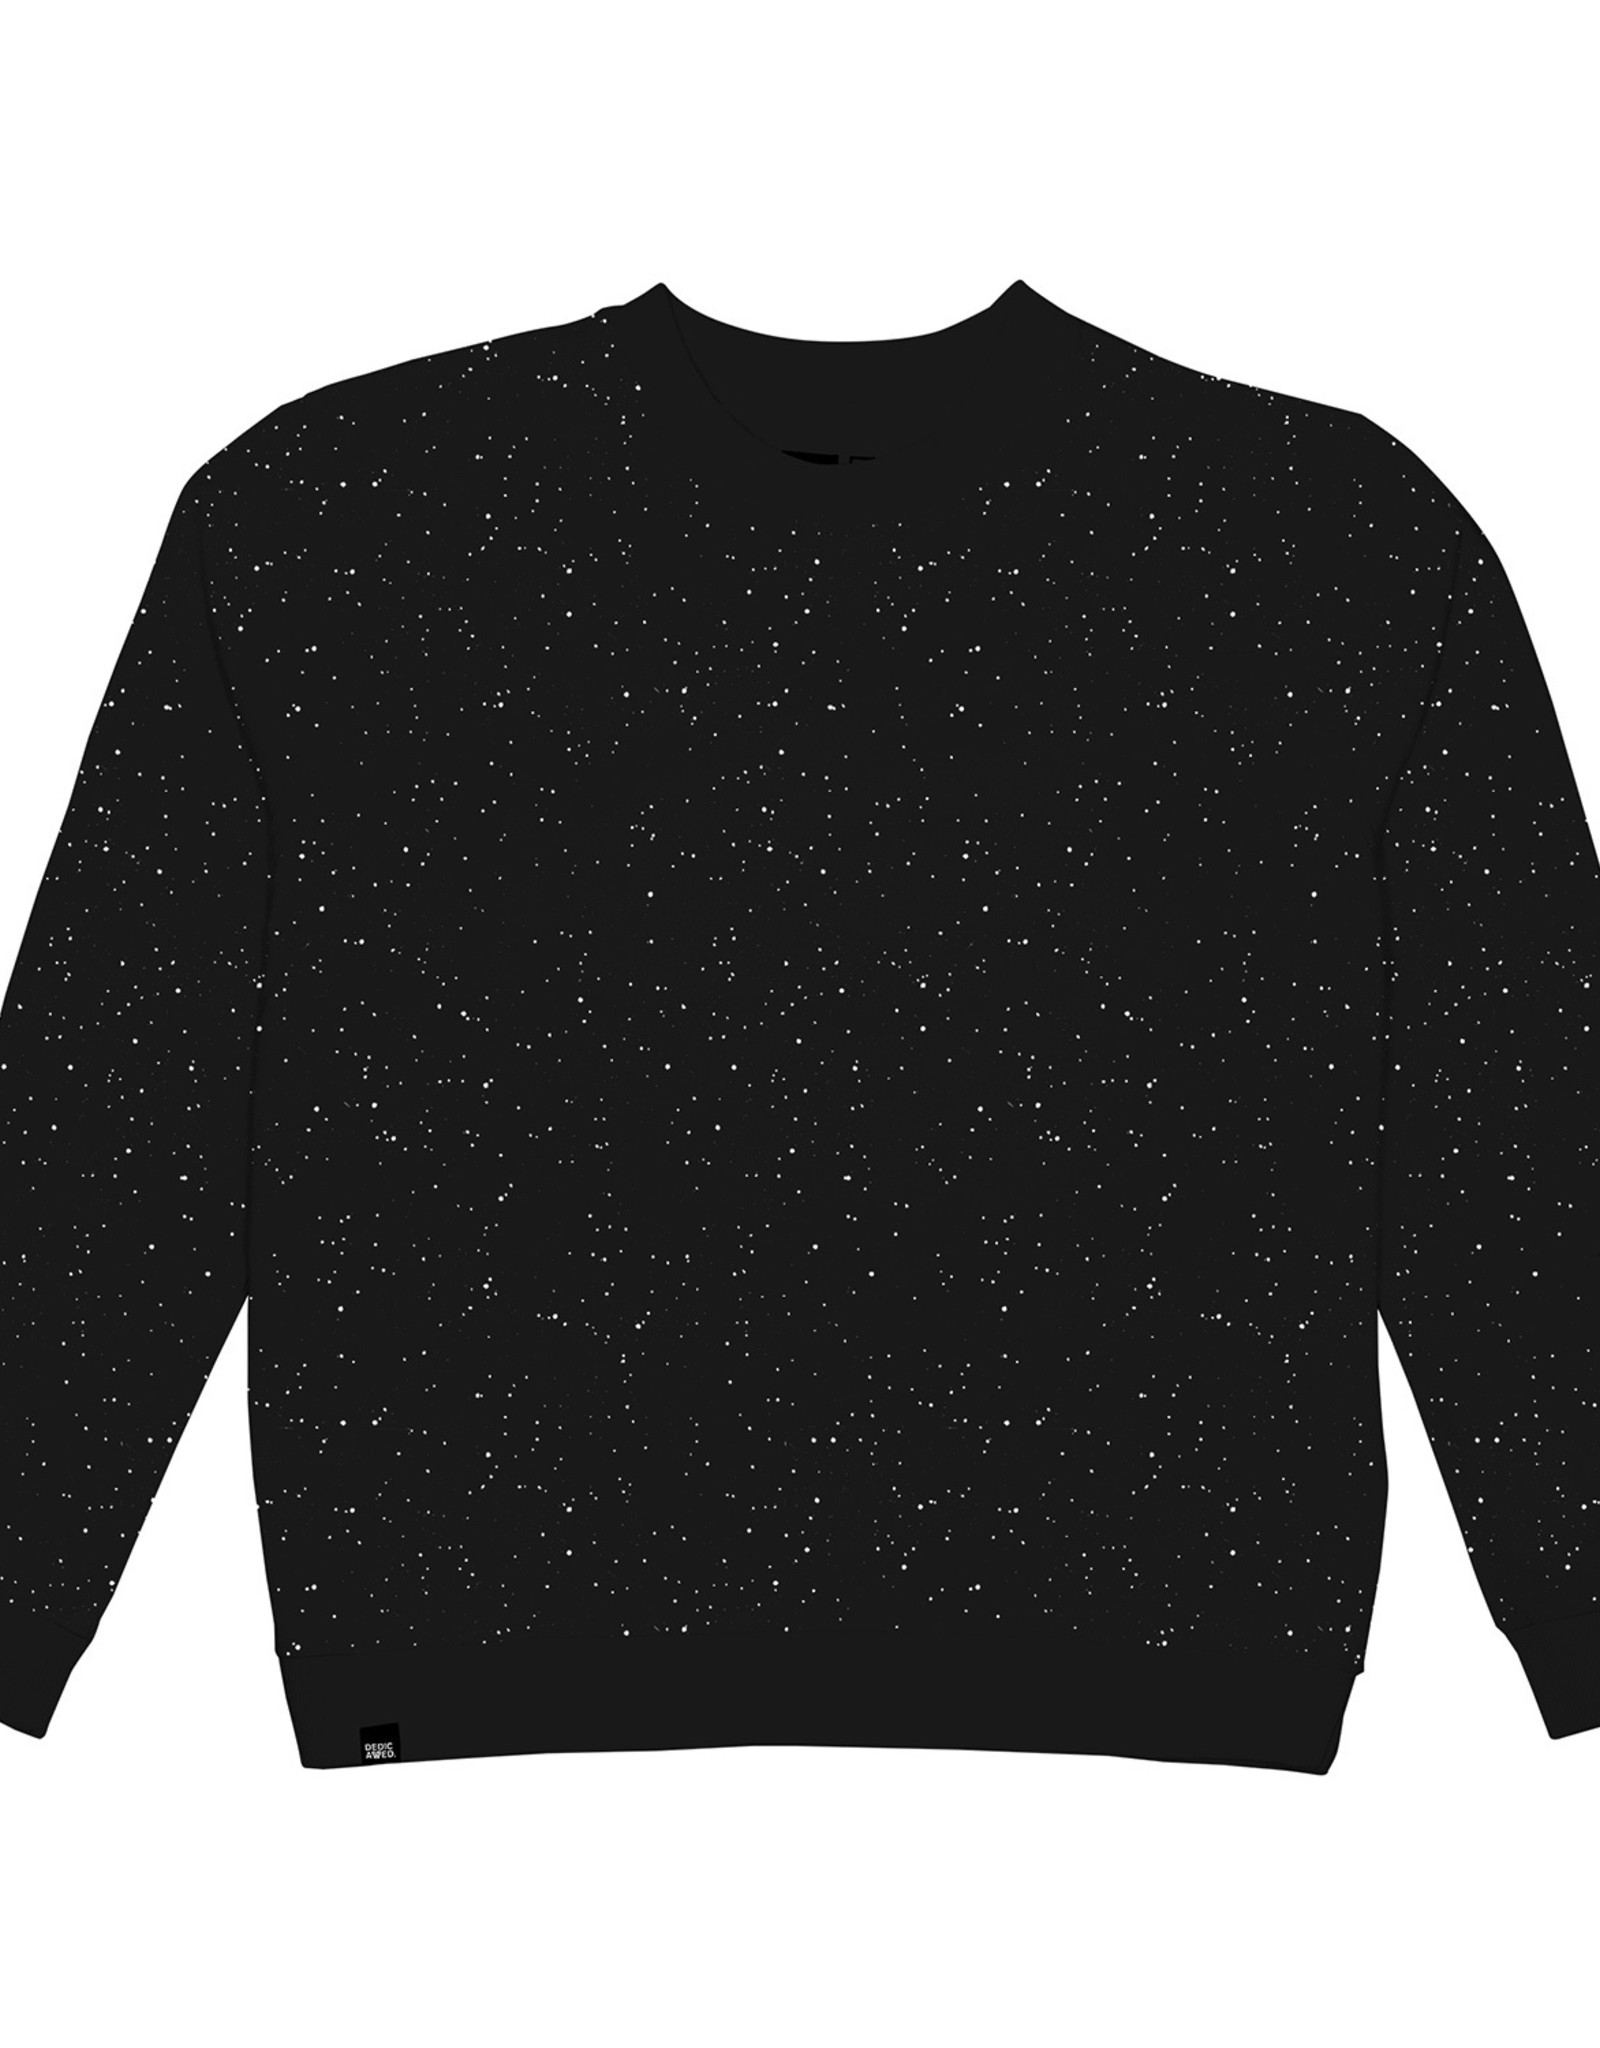 Dedicated SWEATSHIRT SPACE PRINT BLACK